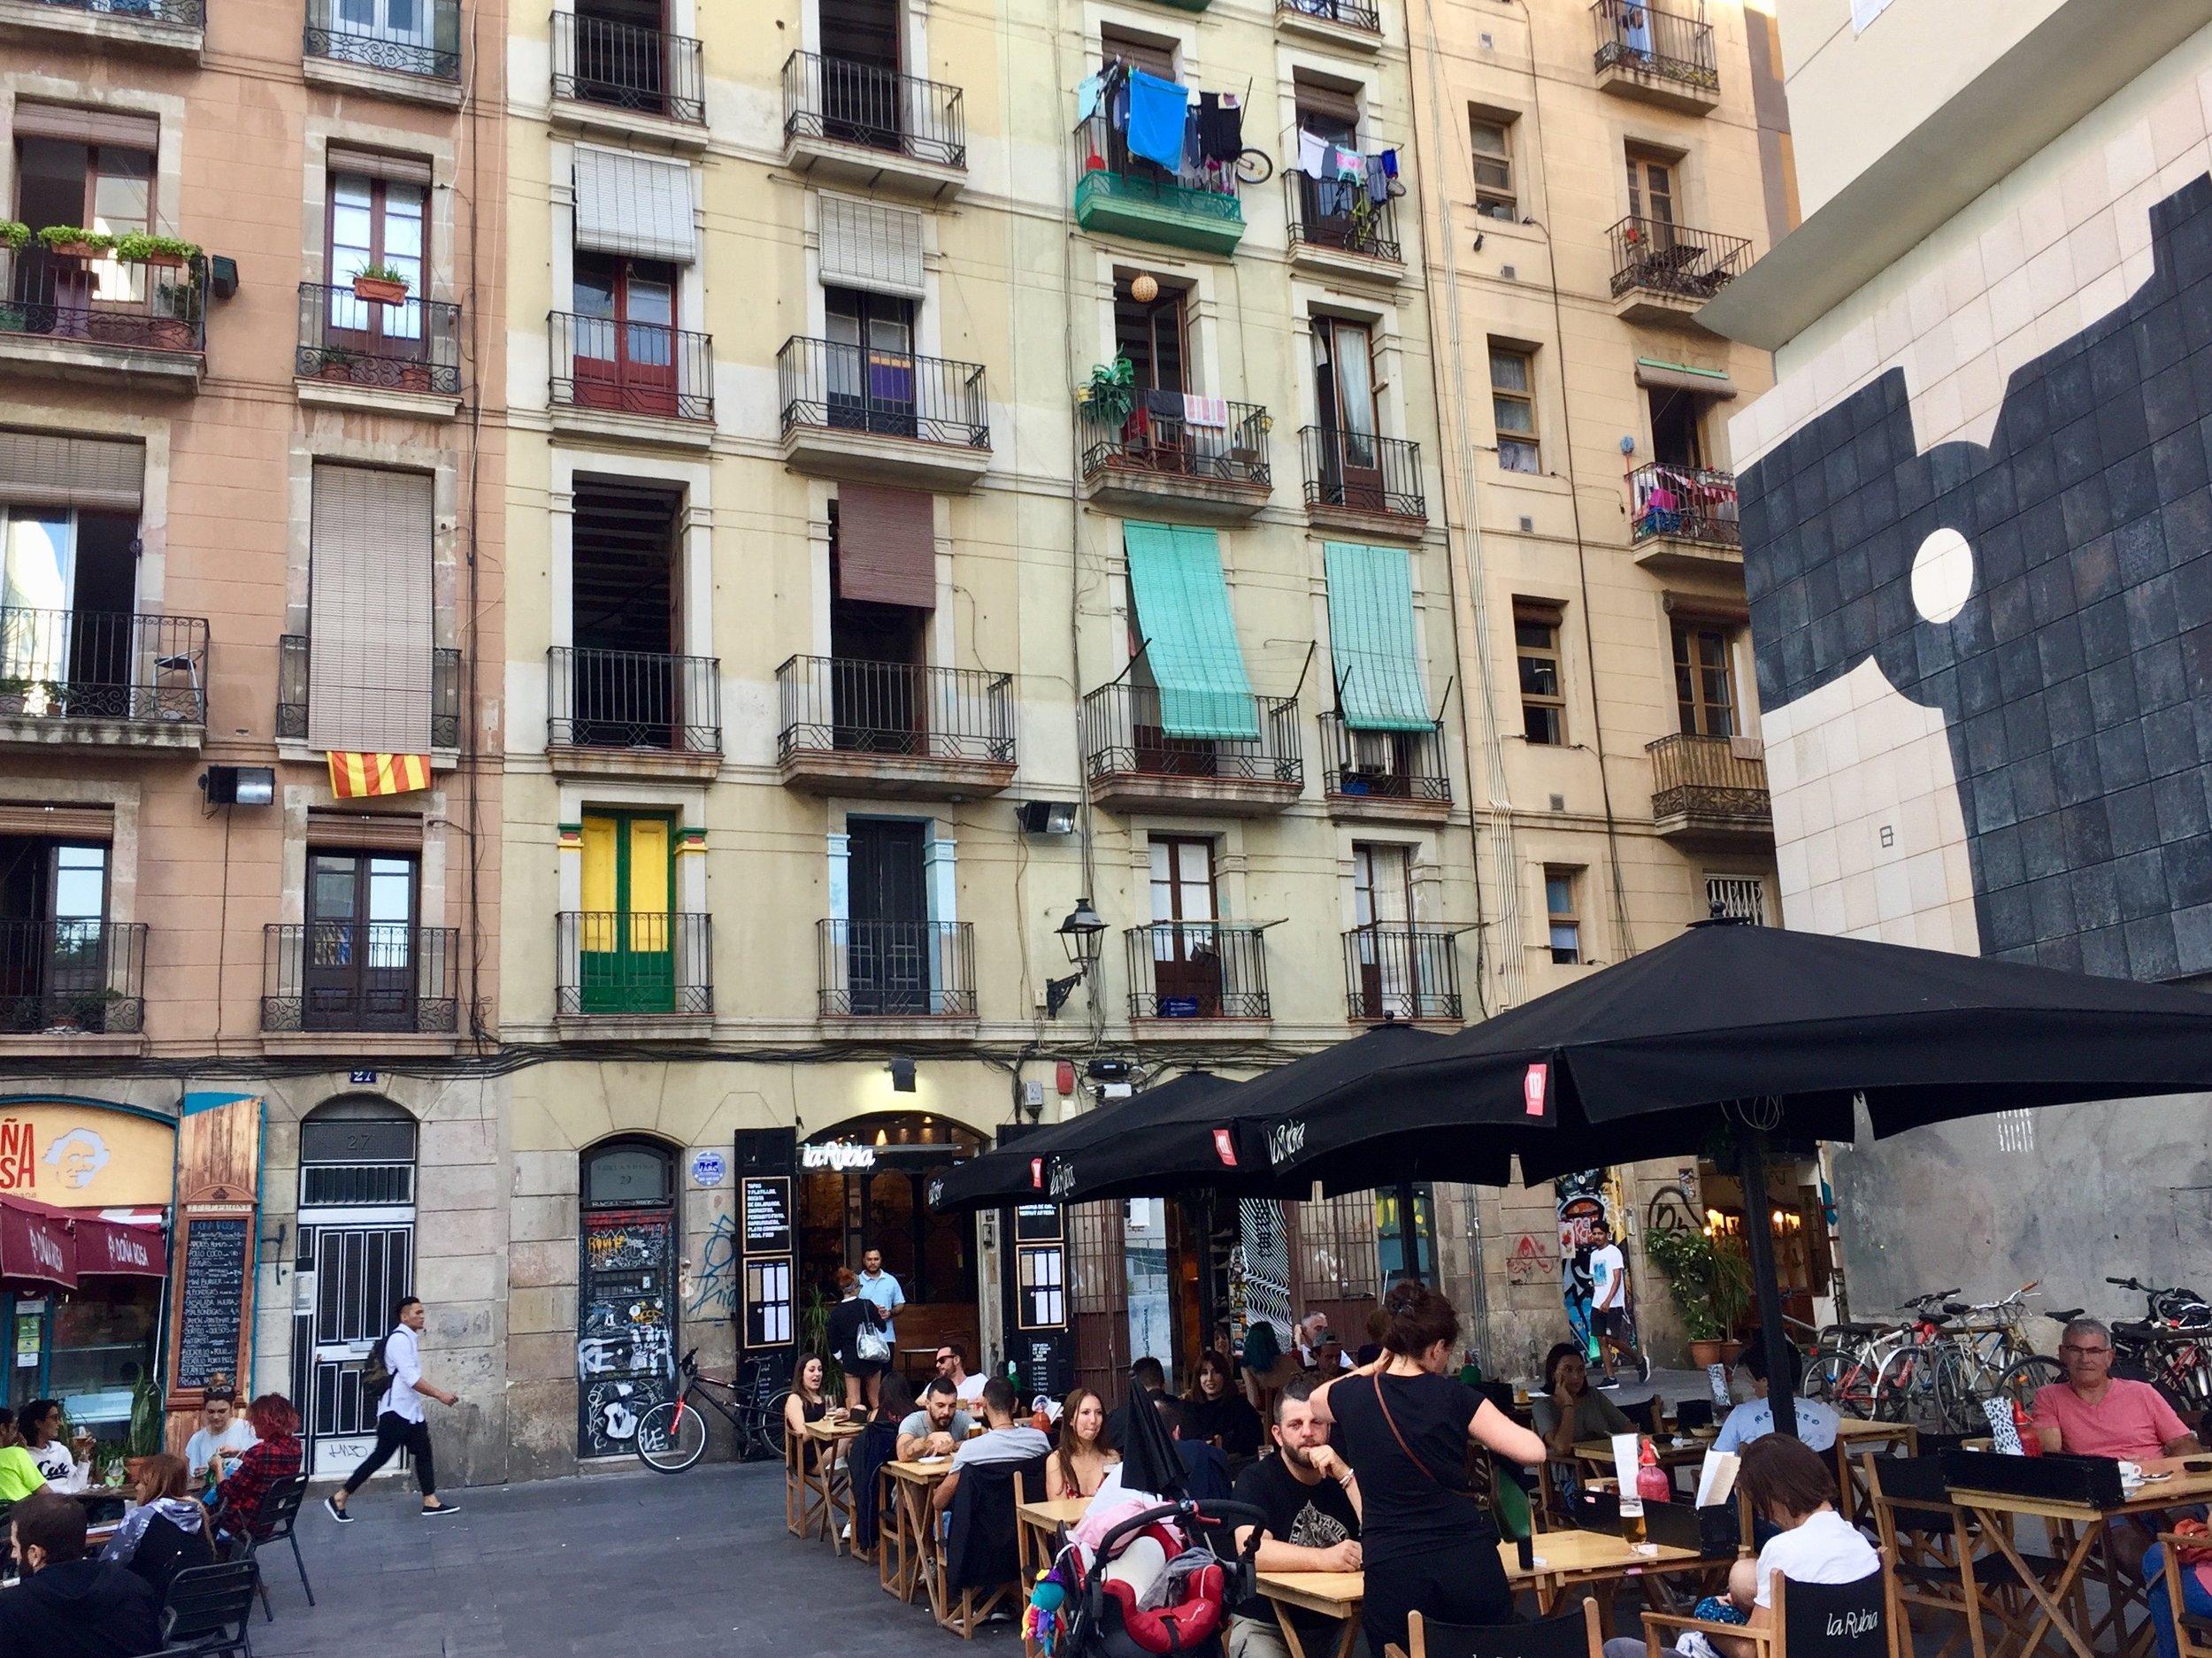 Barcelona Spain square.jpg